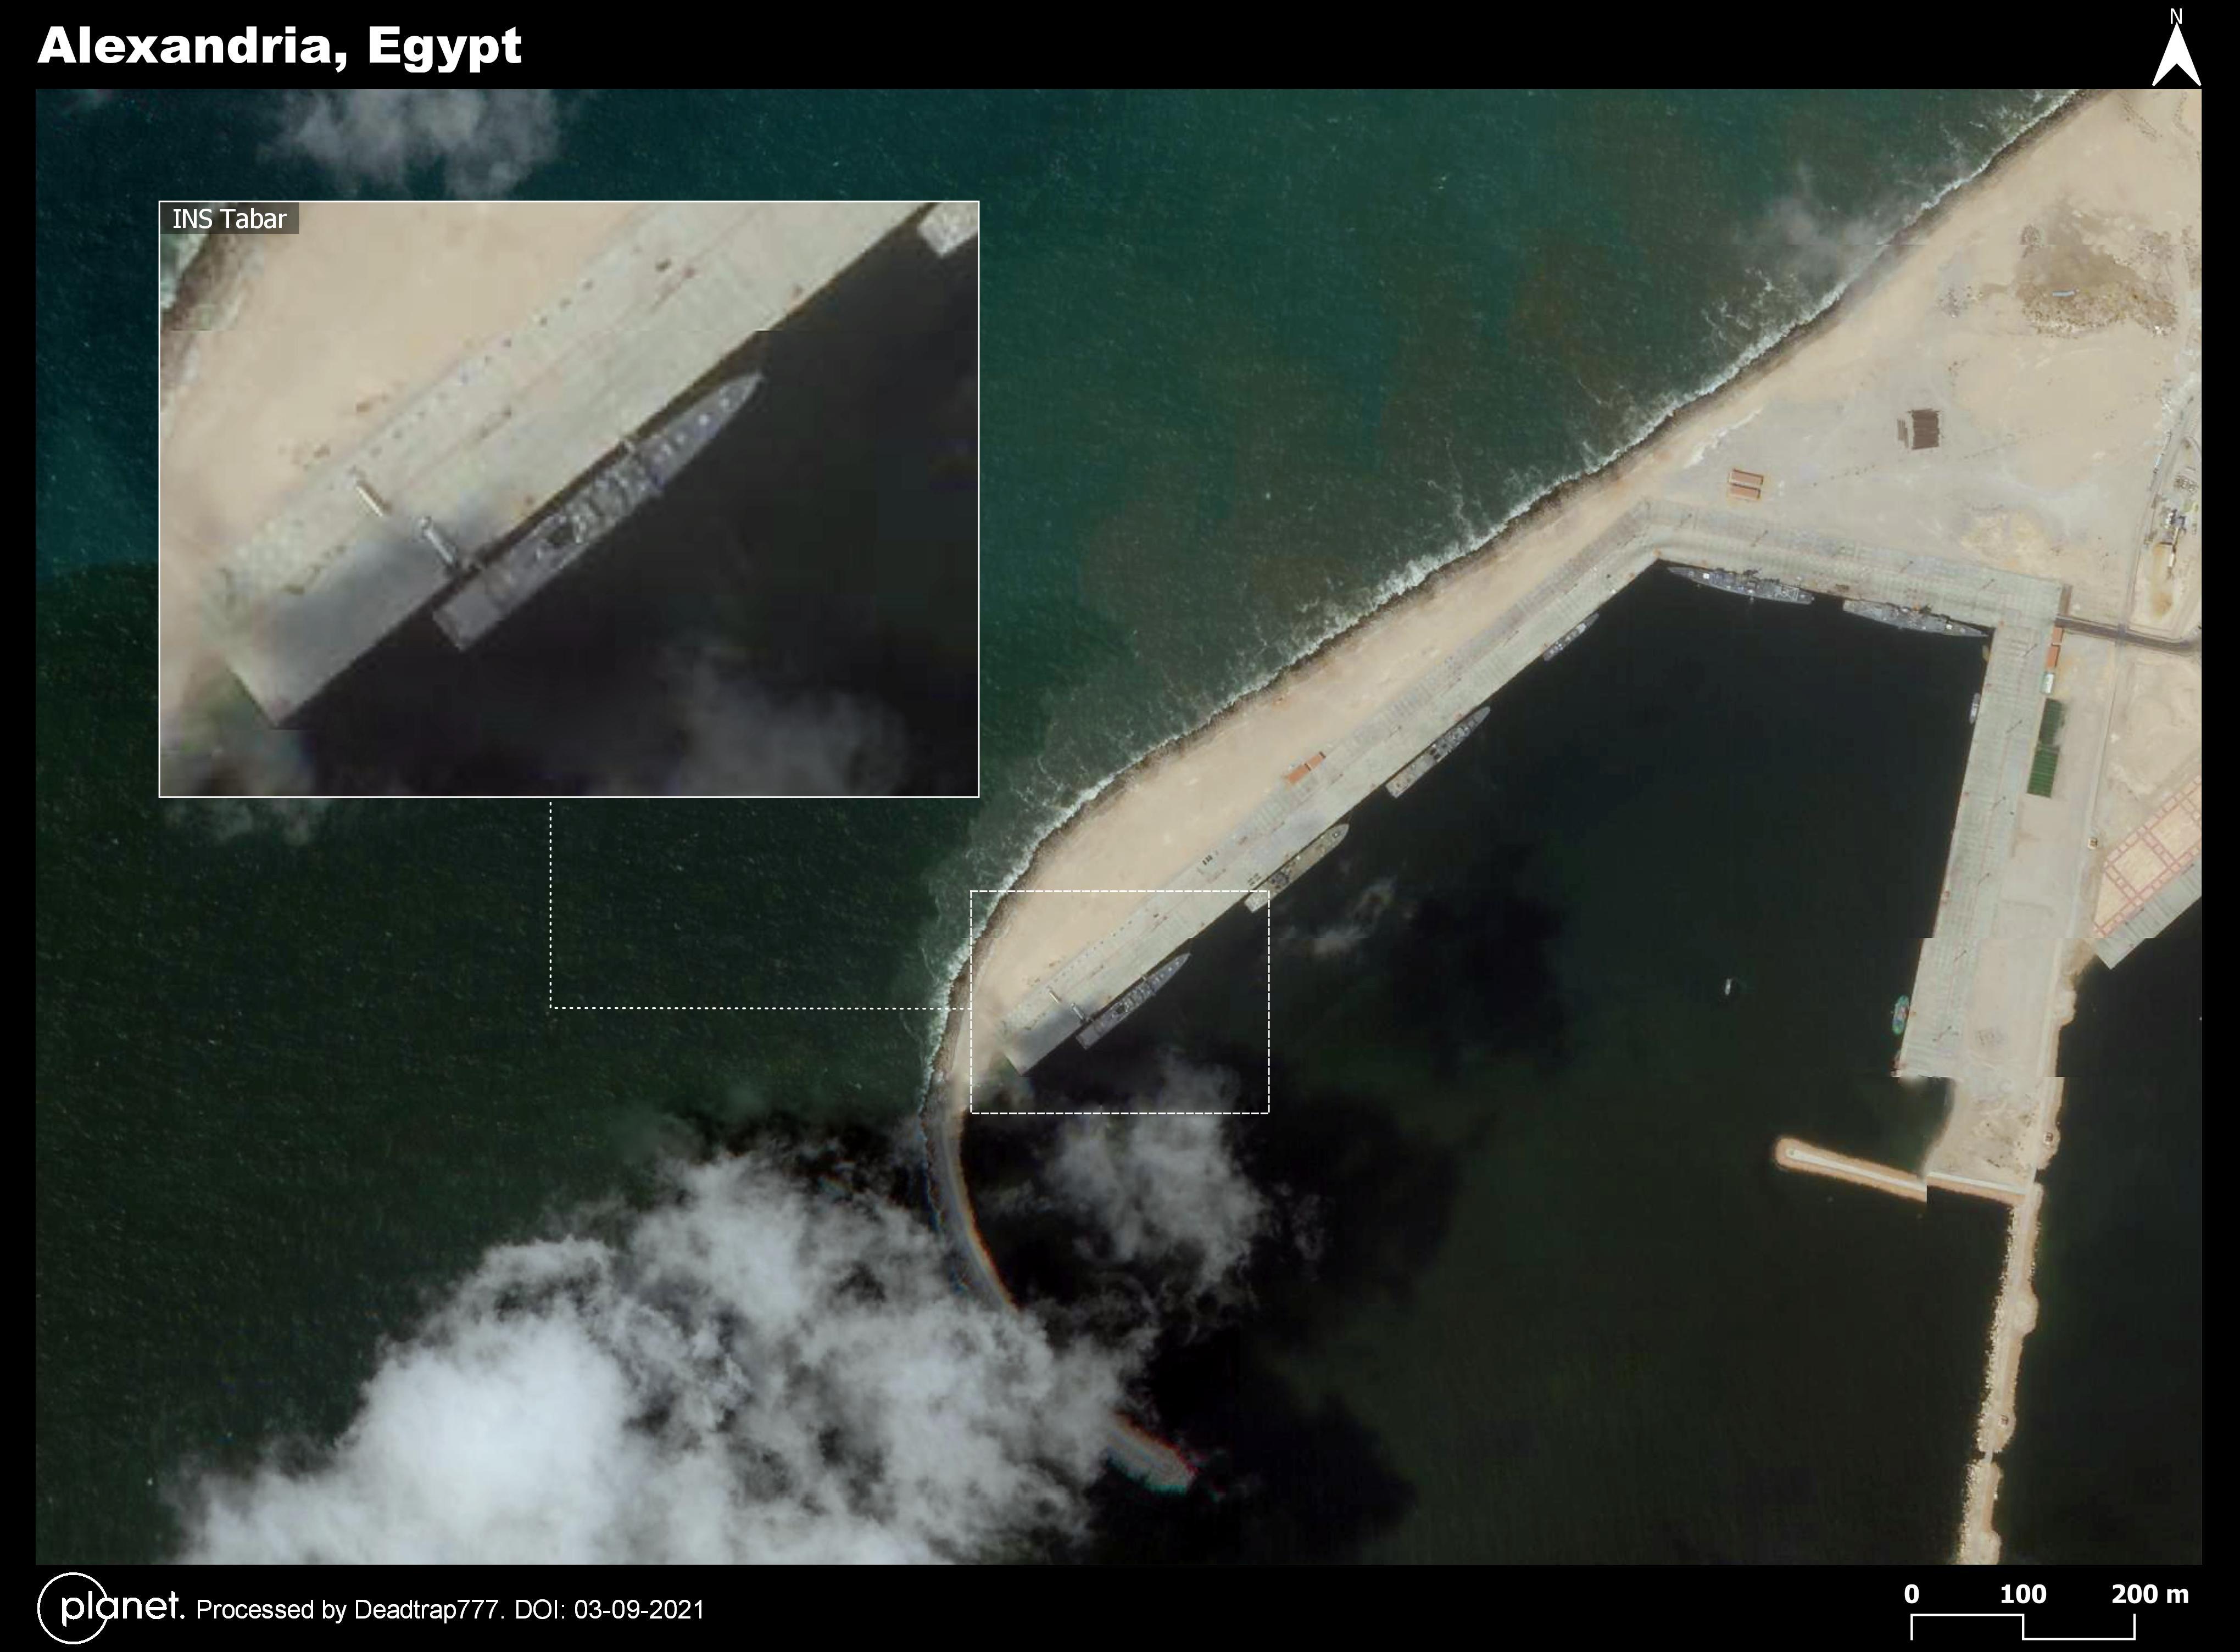 INS Tabar Egypt 3 Sept Map.jpg